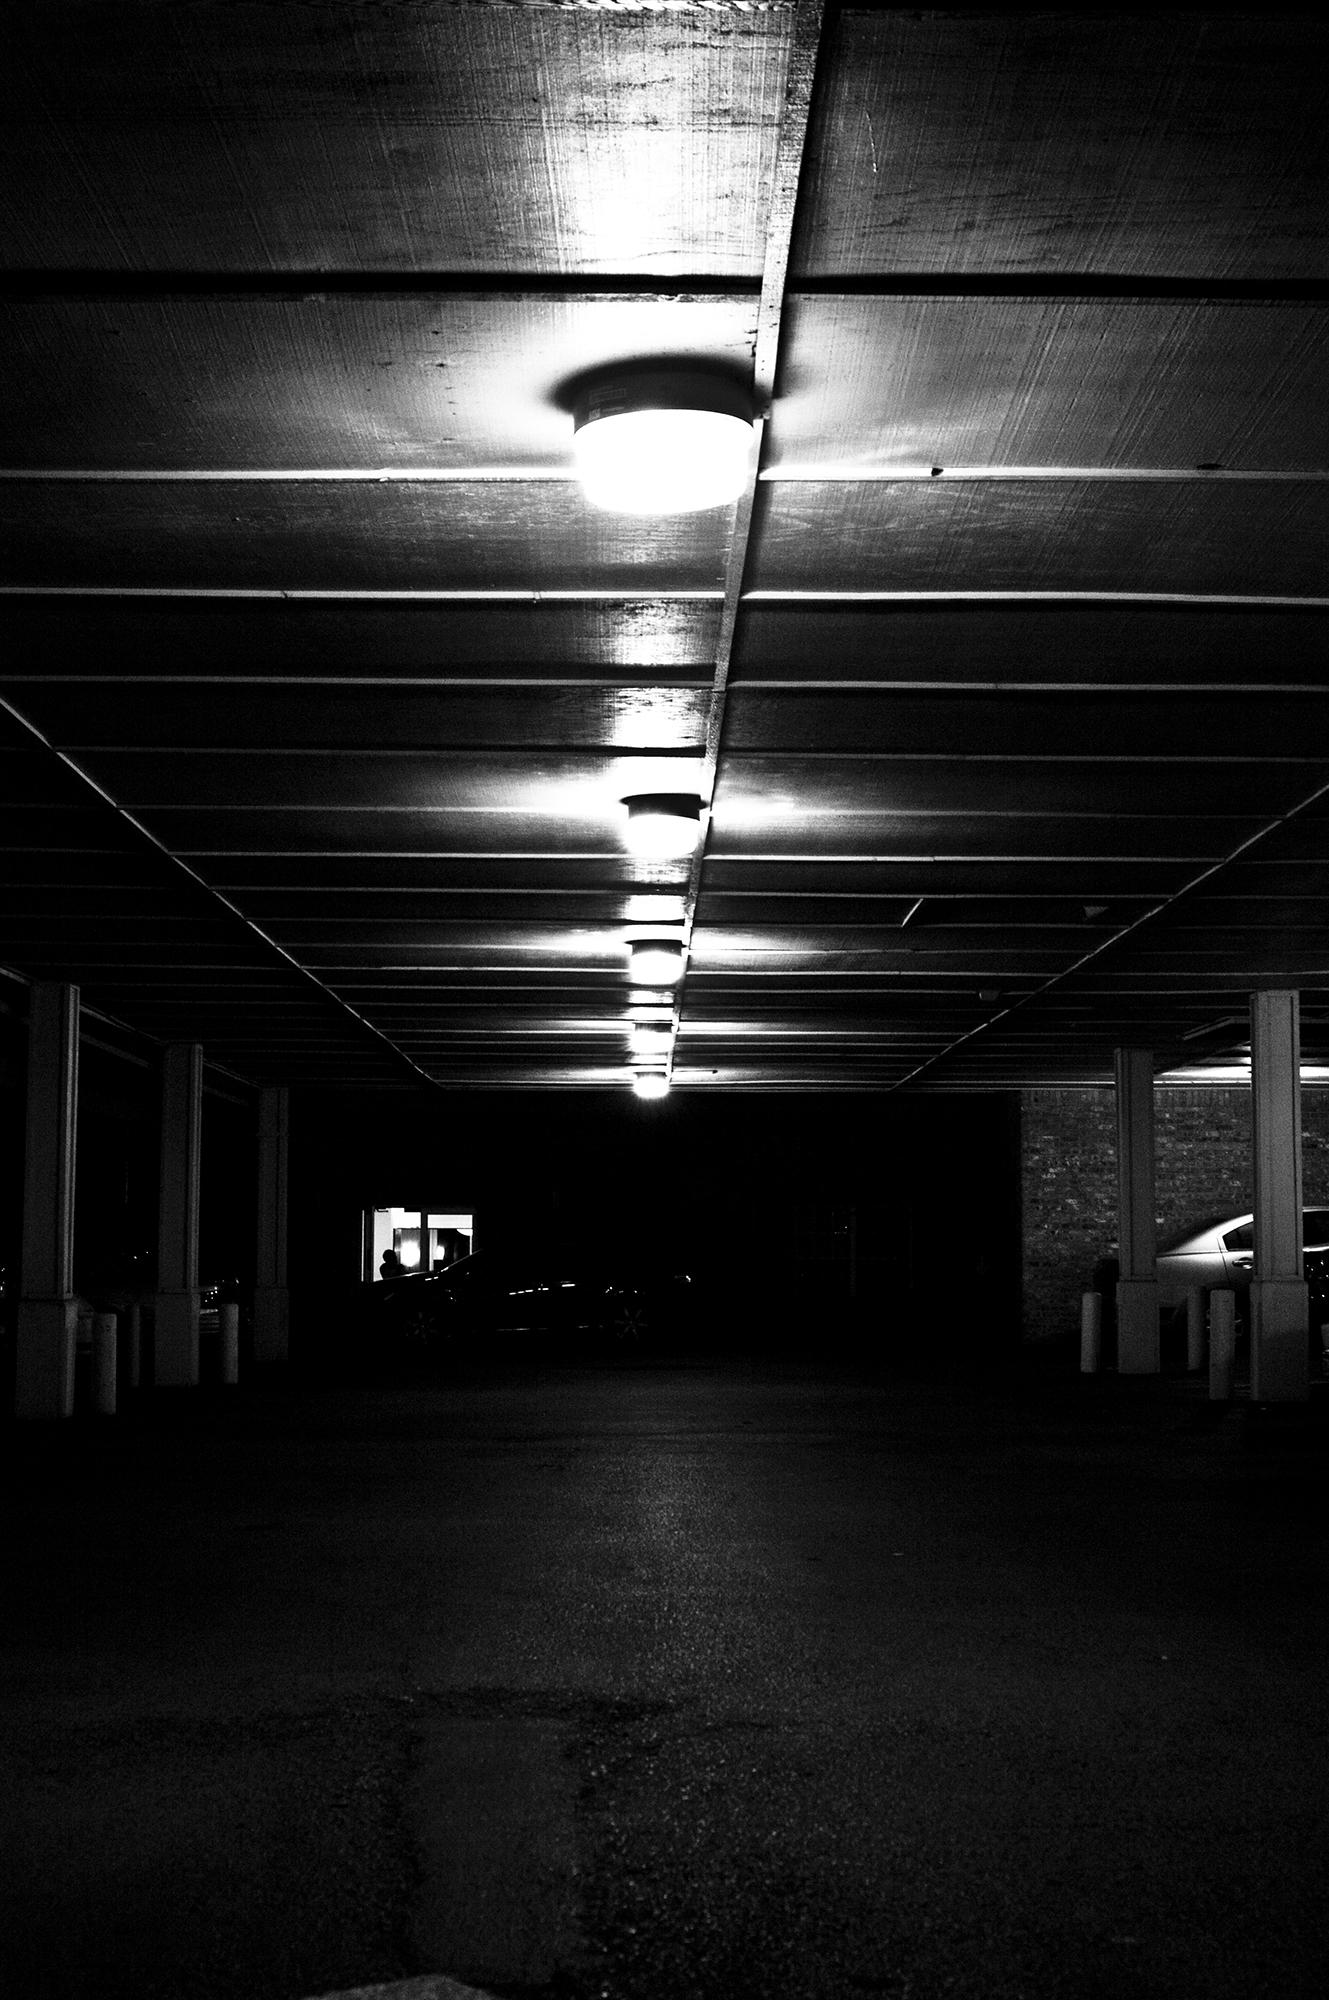 parkinglights.jpg